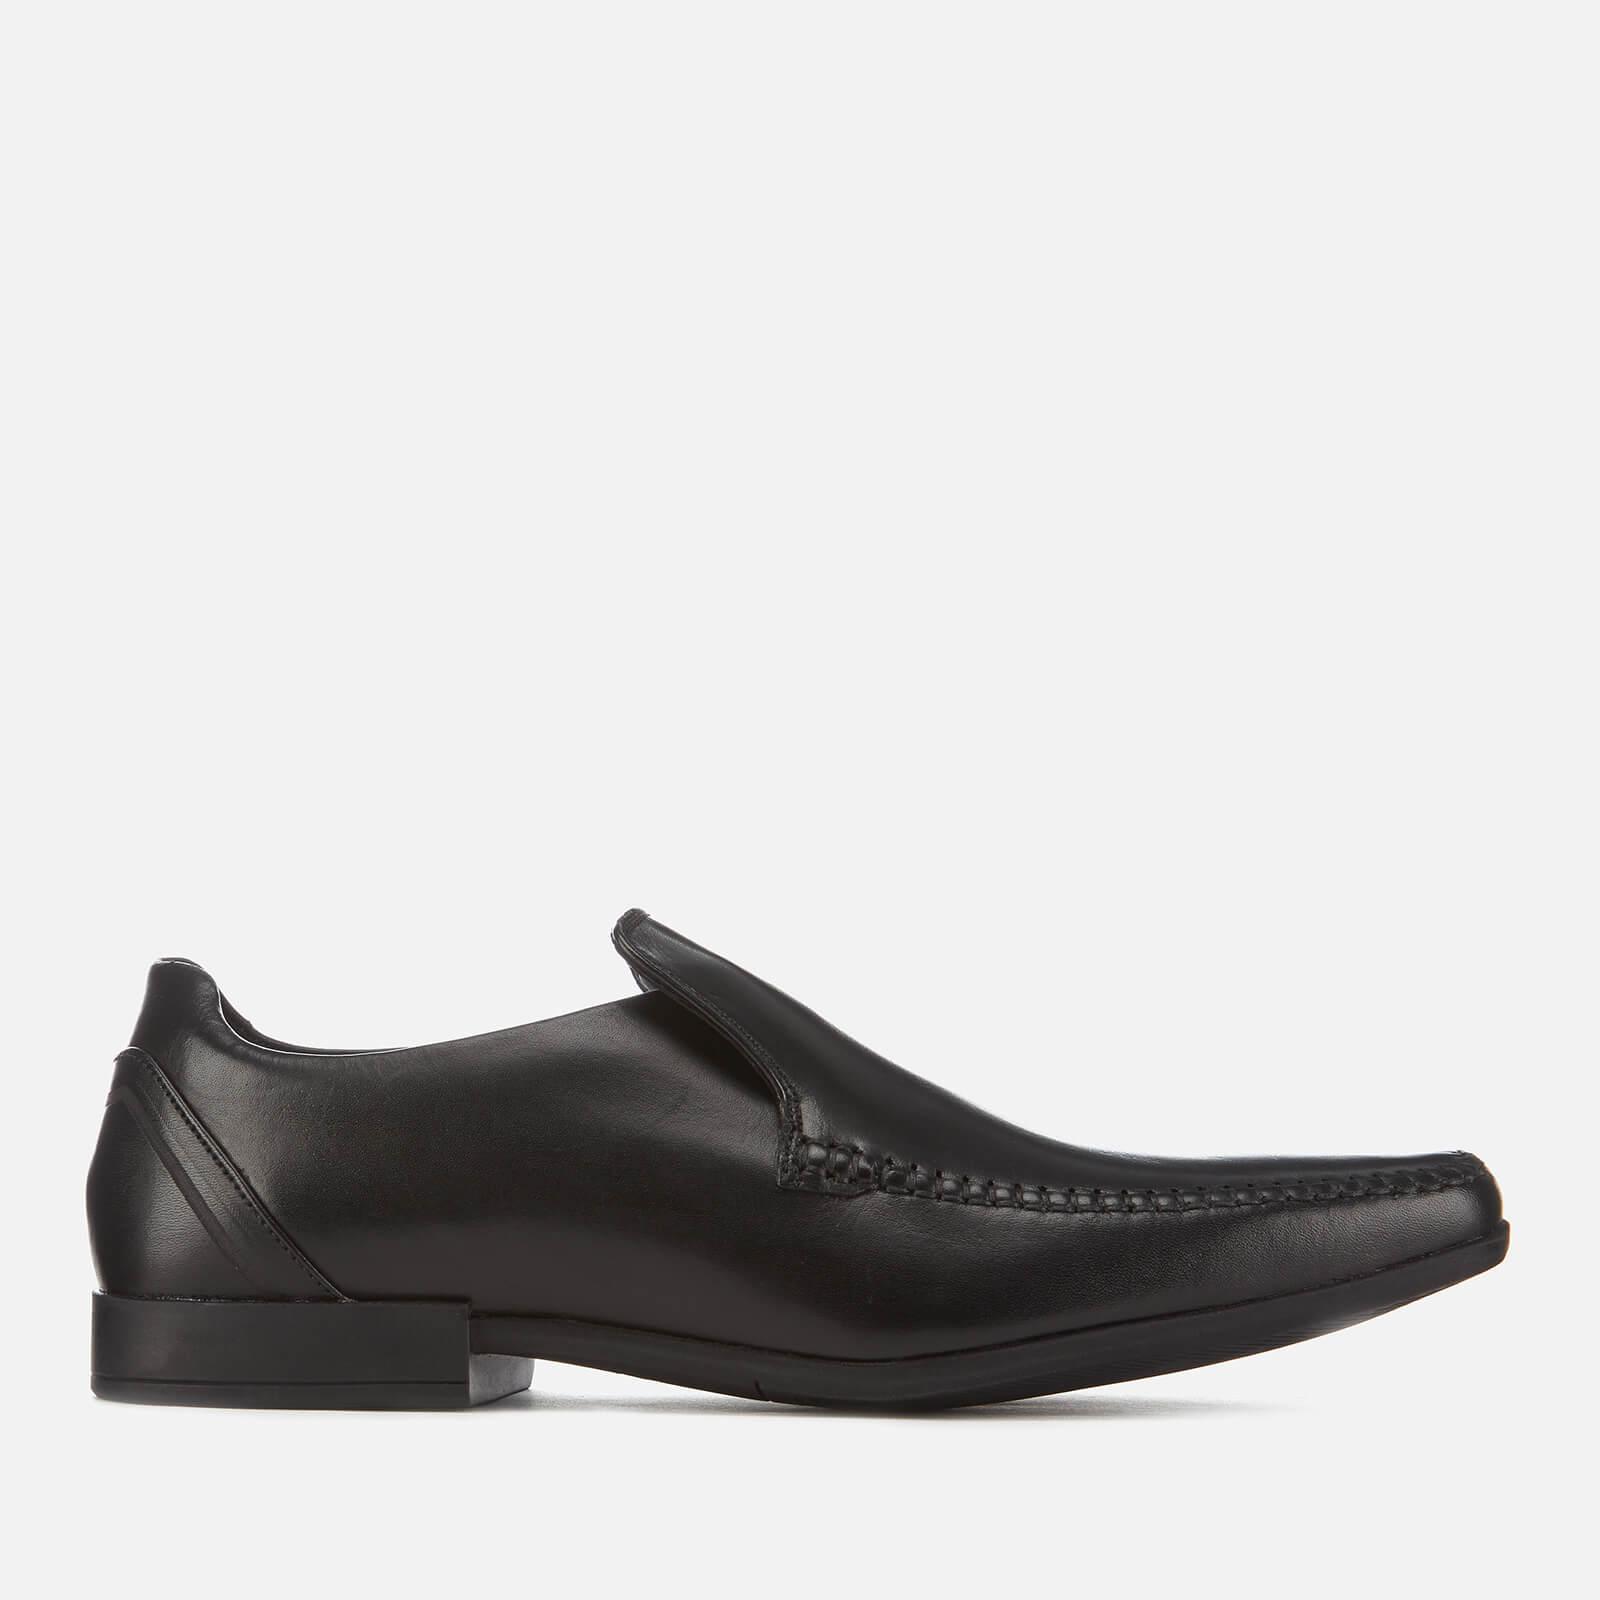 Clarks Men's Glement Seam Leather Slip-On Shoes - Black - UK 11